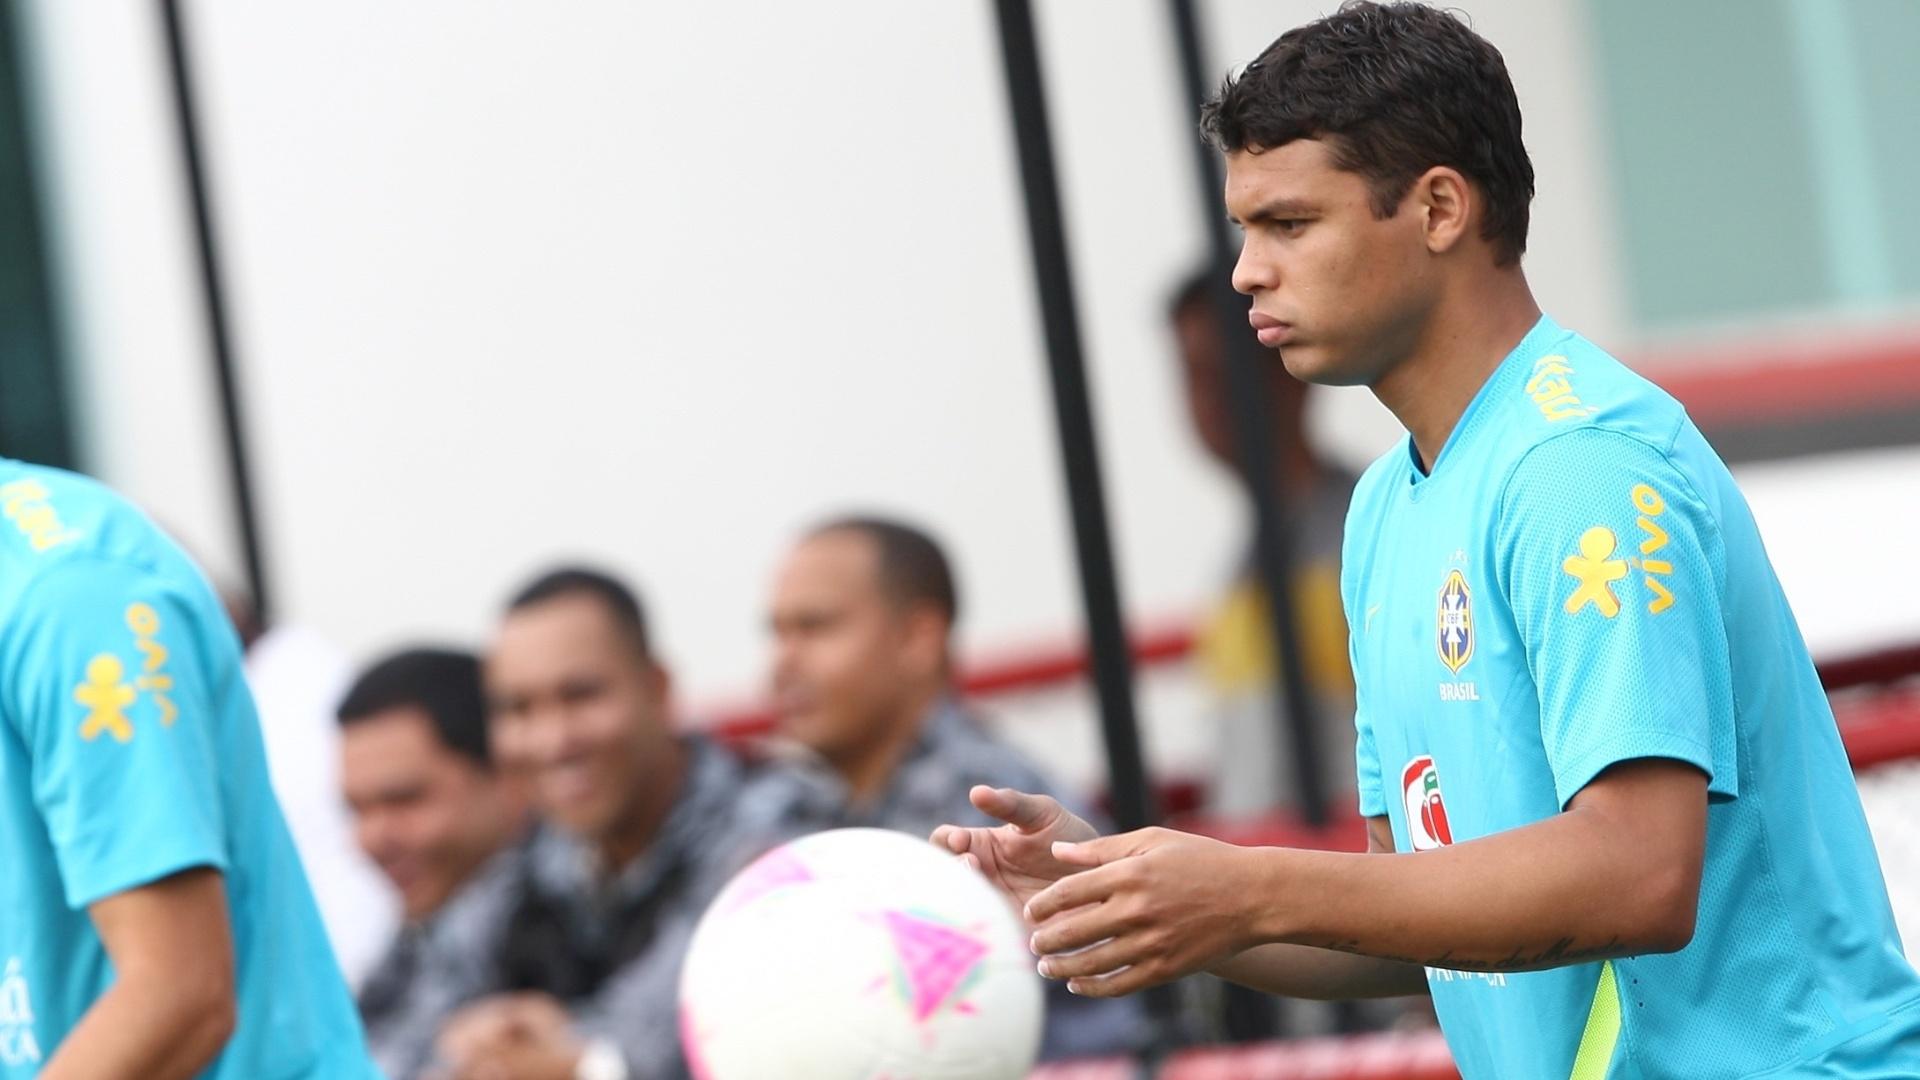 Thiago Silva treina com a seleção. Zagueiro deixou o Milan e assinou com o PSG, da França